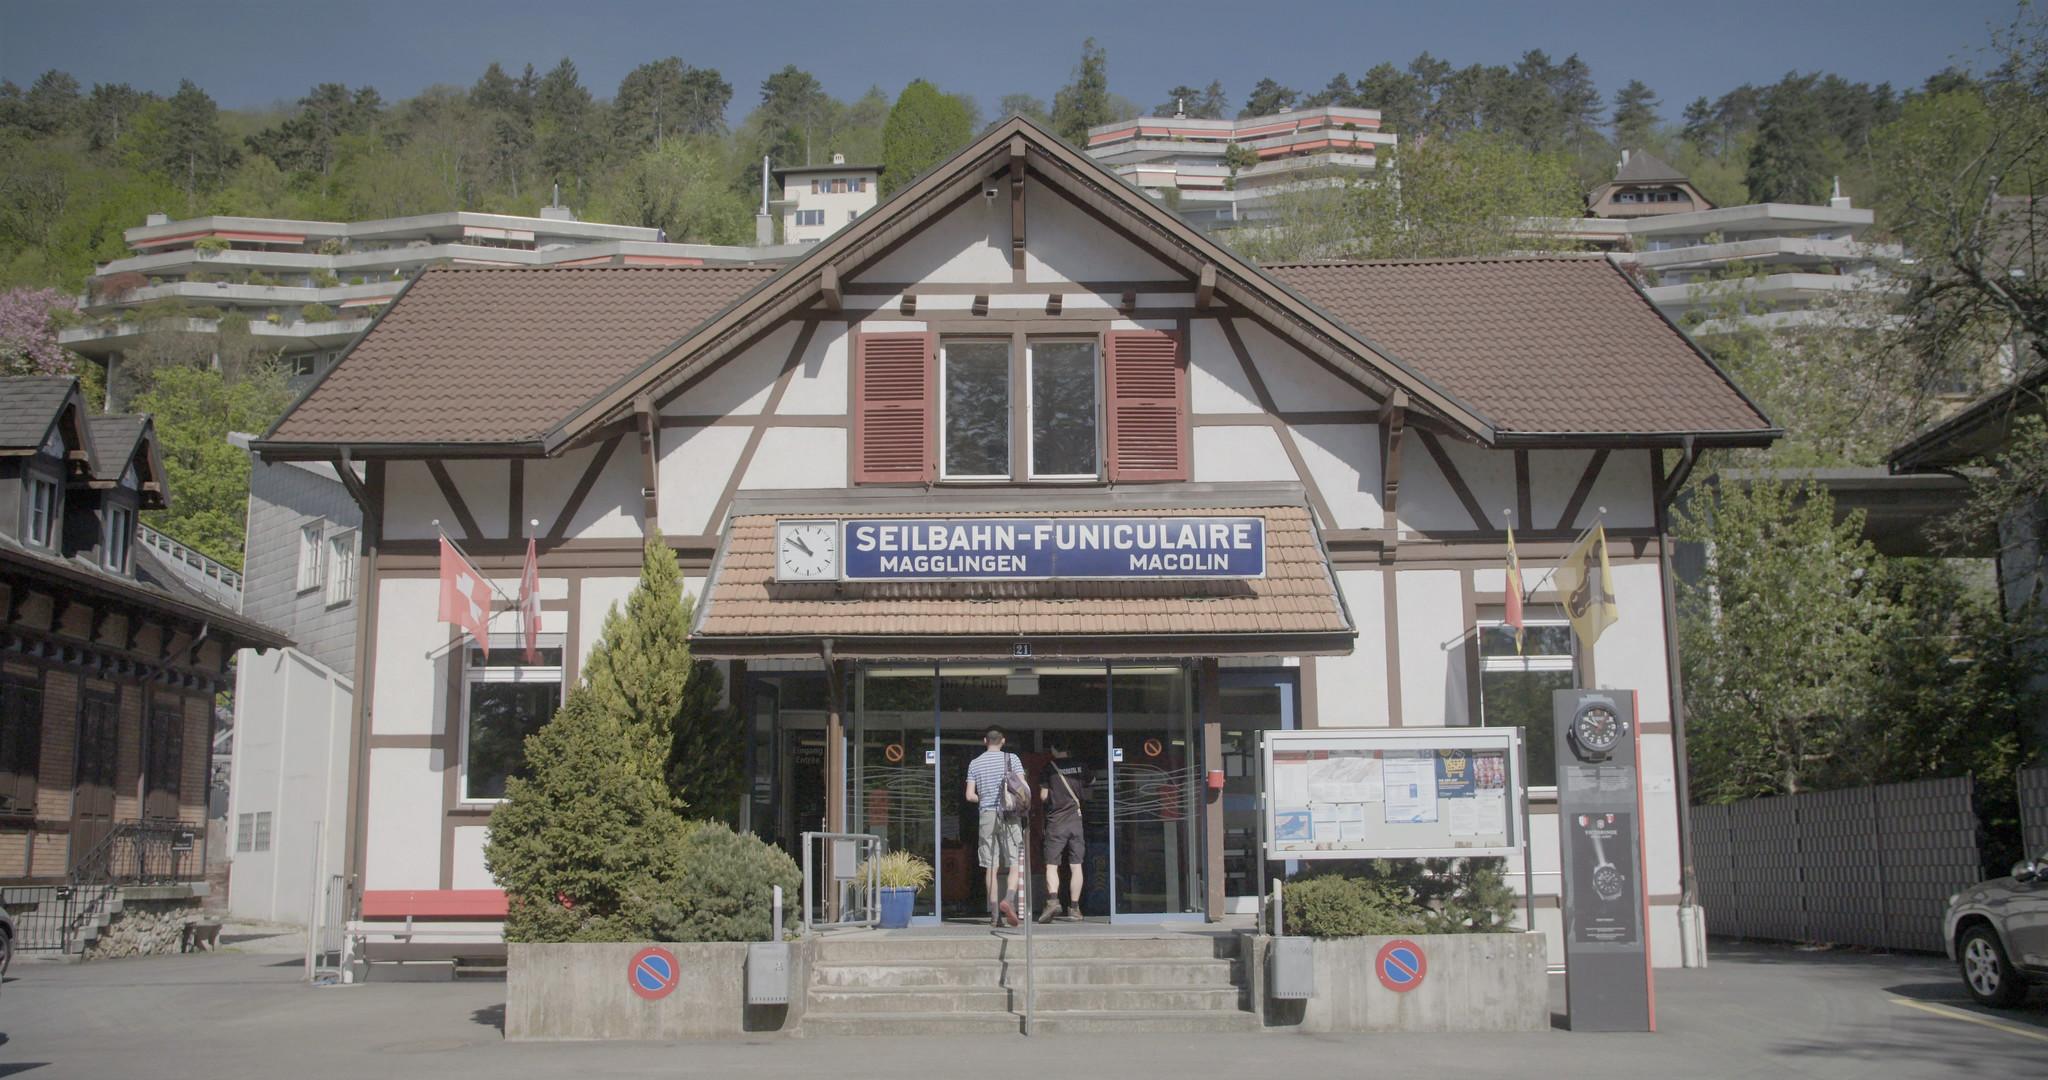 Biel Seilbahn.jpg